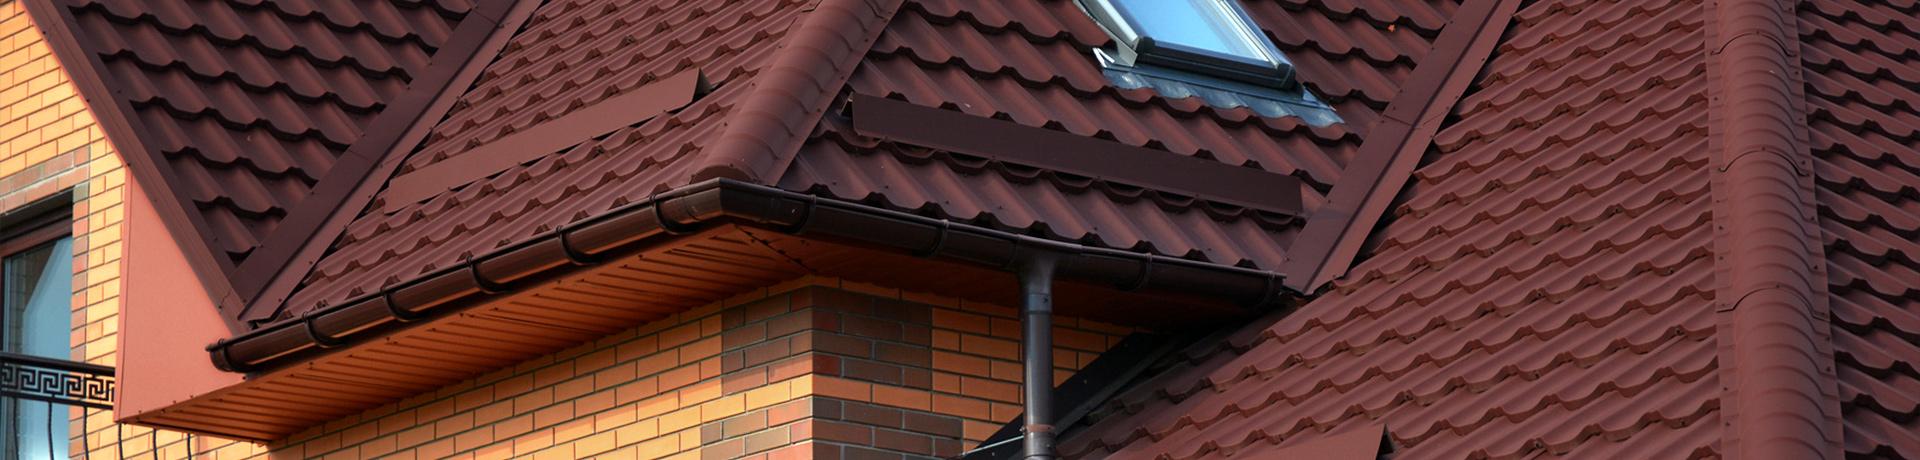 Specjalistyczne farby na dach